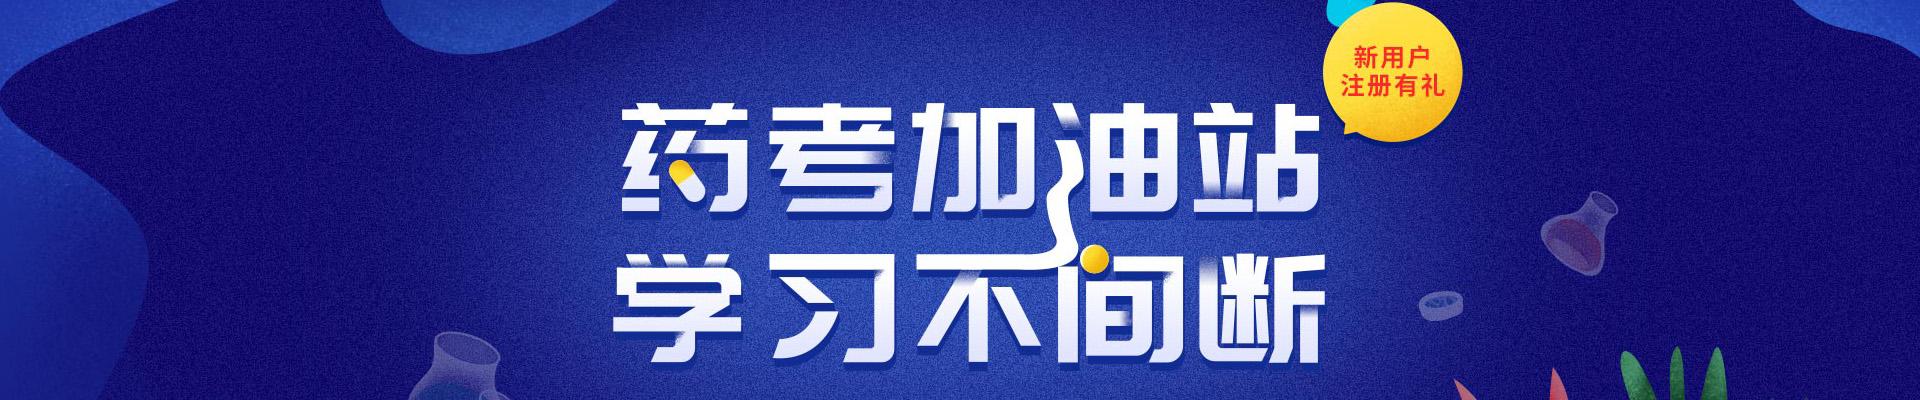 湖北武汉江汉优路教育培训学校